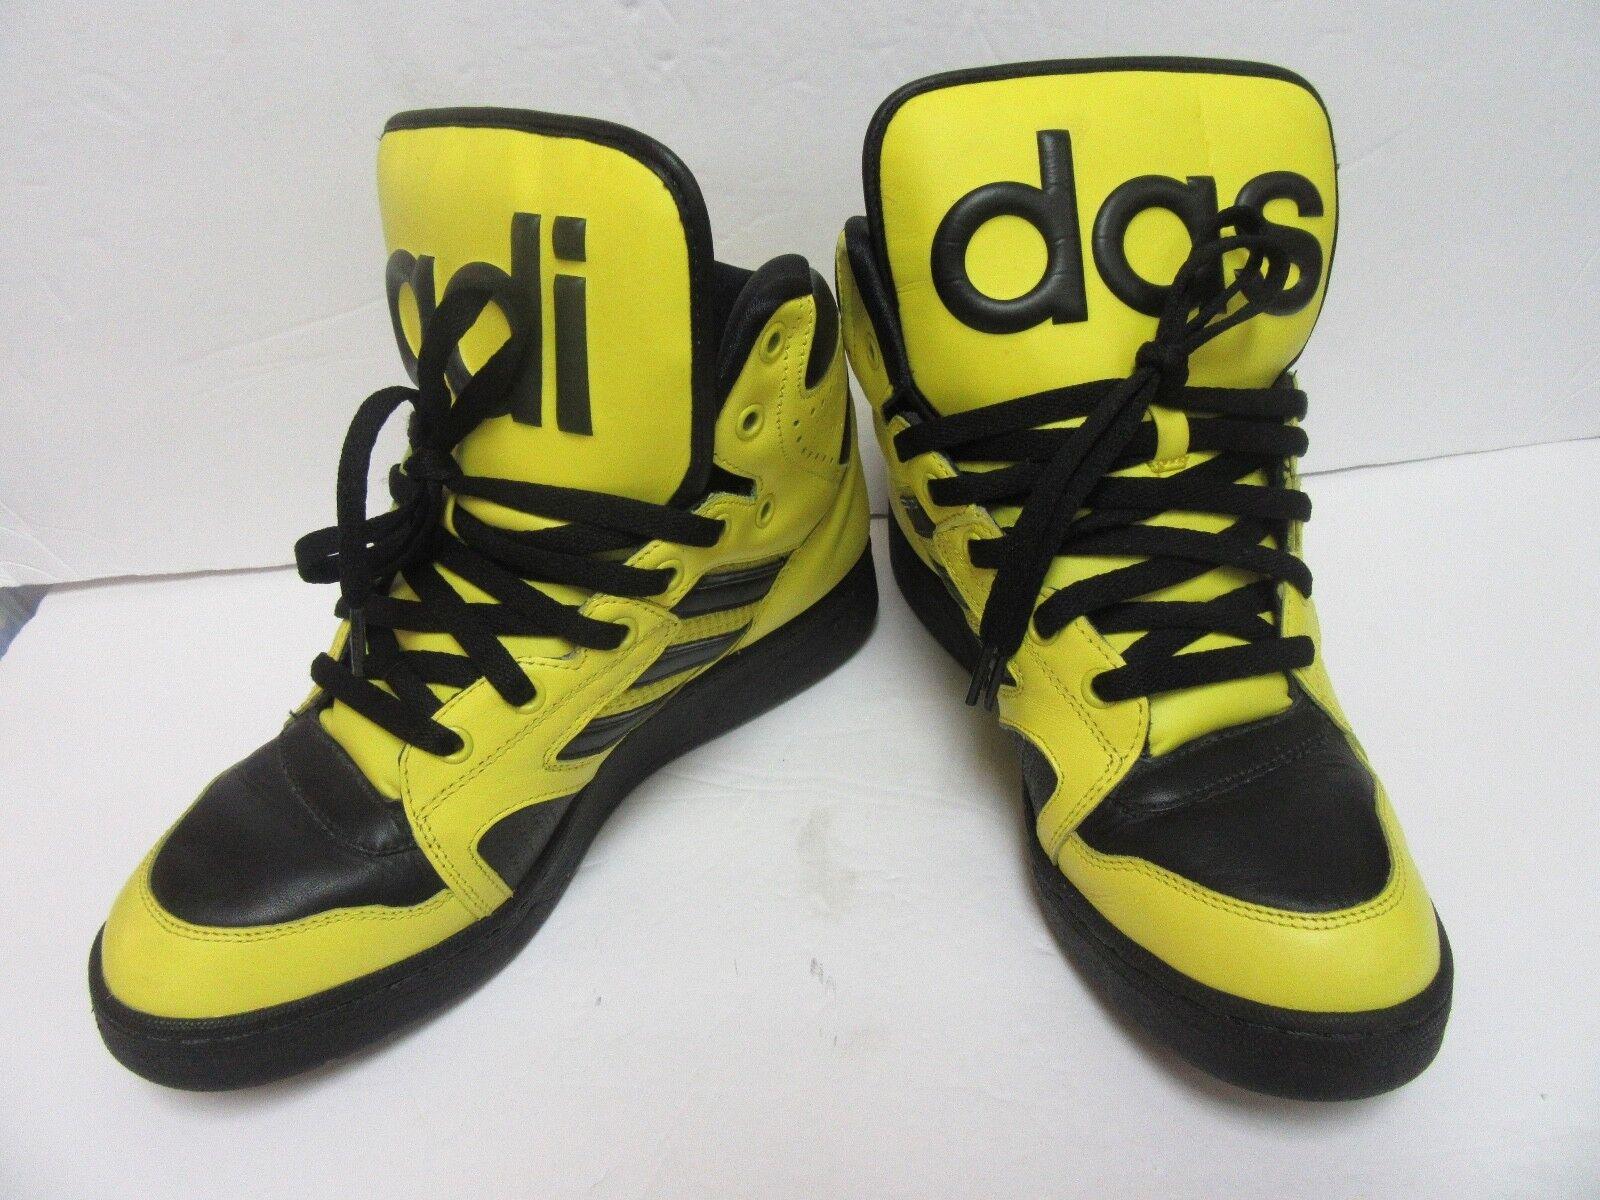 Adidas Originals sneakers Jeremy Scott Instinct Hi shoes Top JS ObyO V24530 SZ 9